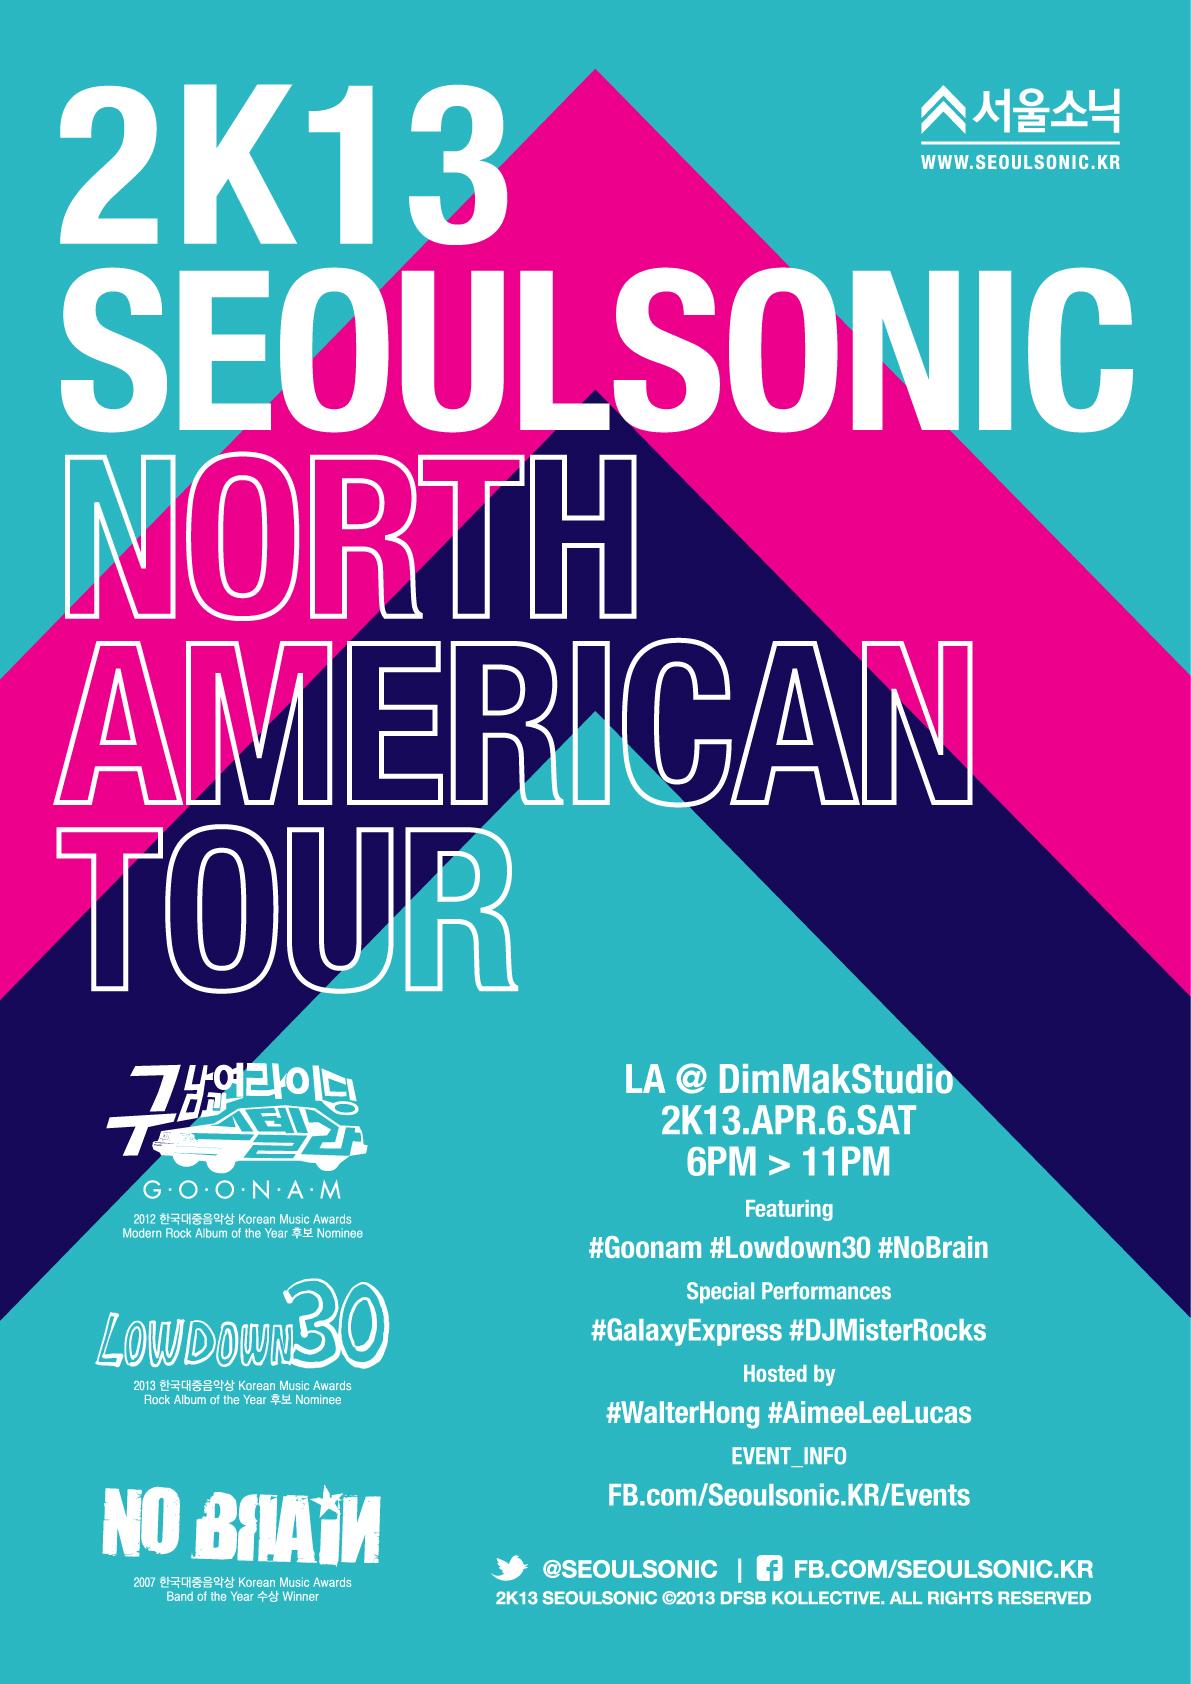 Seoulsonic